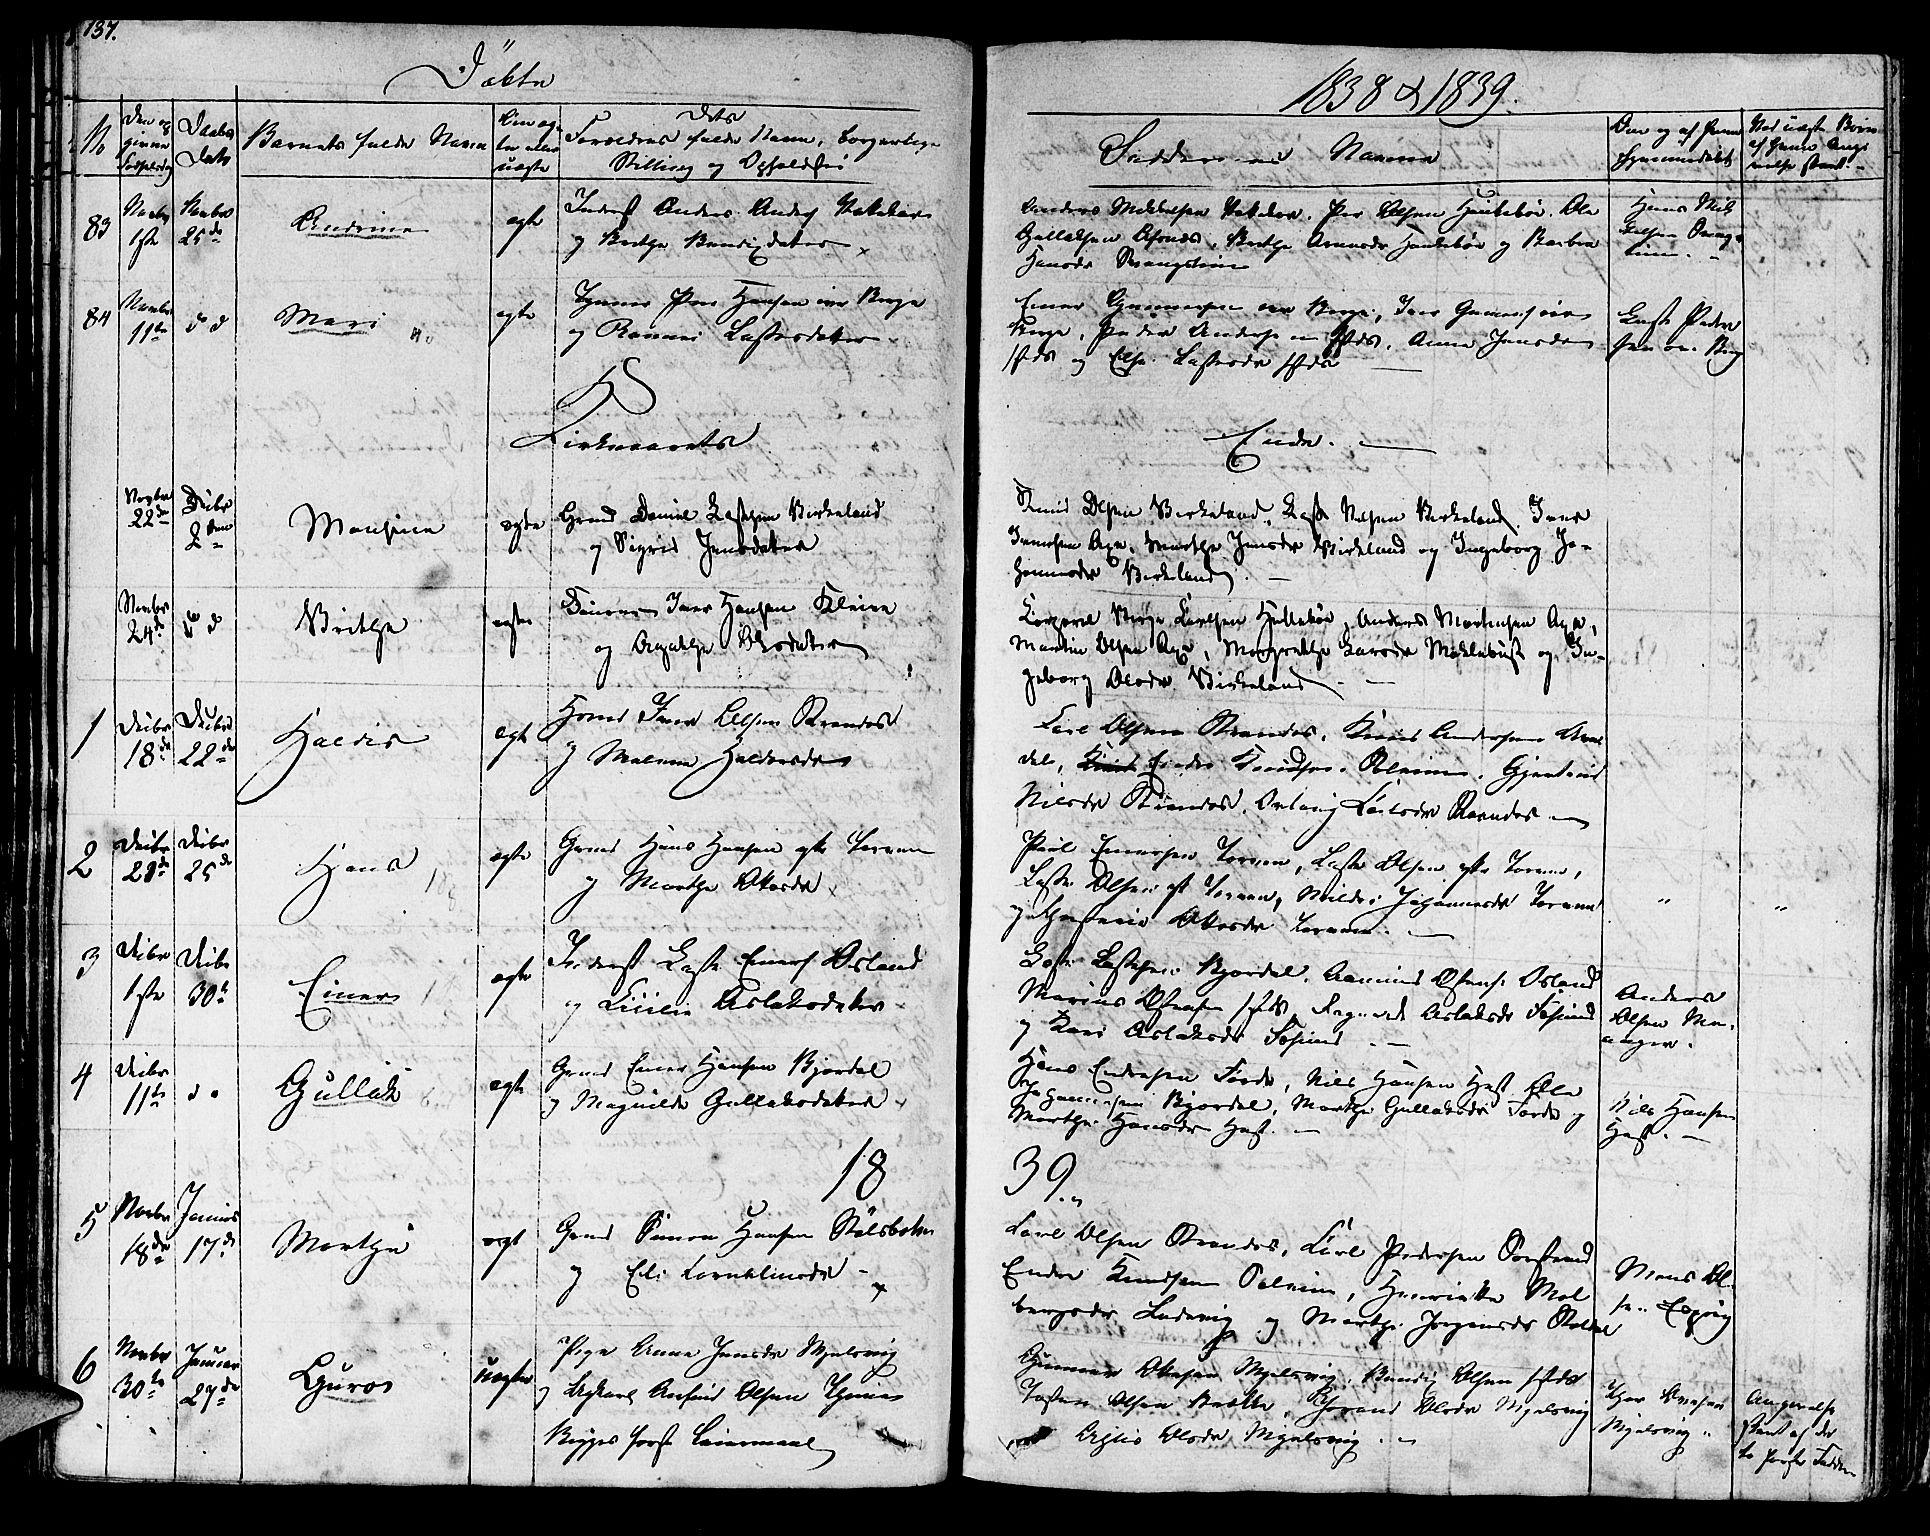 SAB, Lavik sokneprestembete, Ministerialbok nr. A 2I, 1821-1842, s. 137